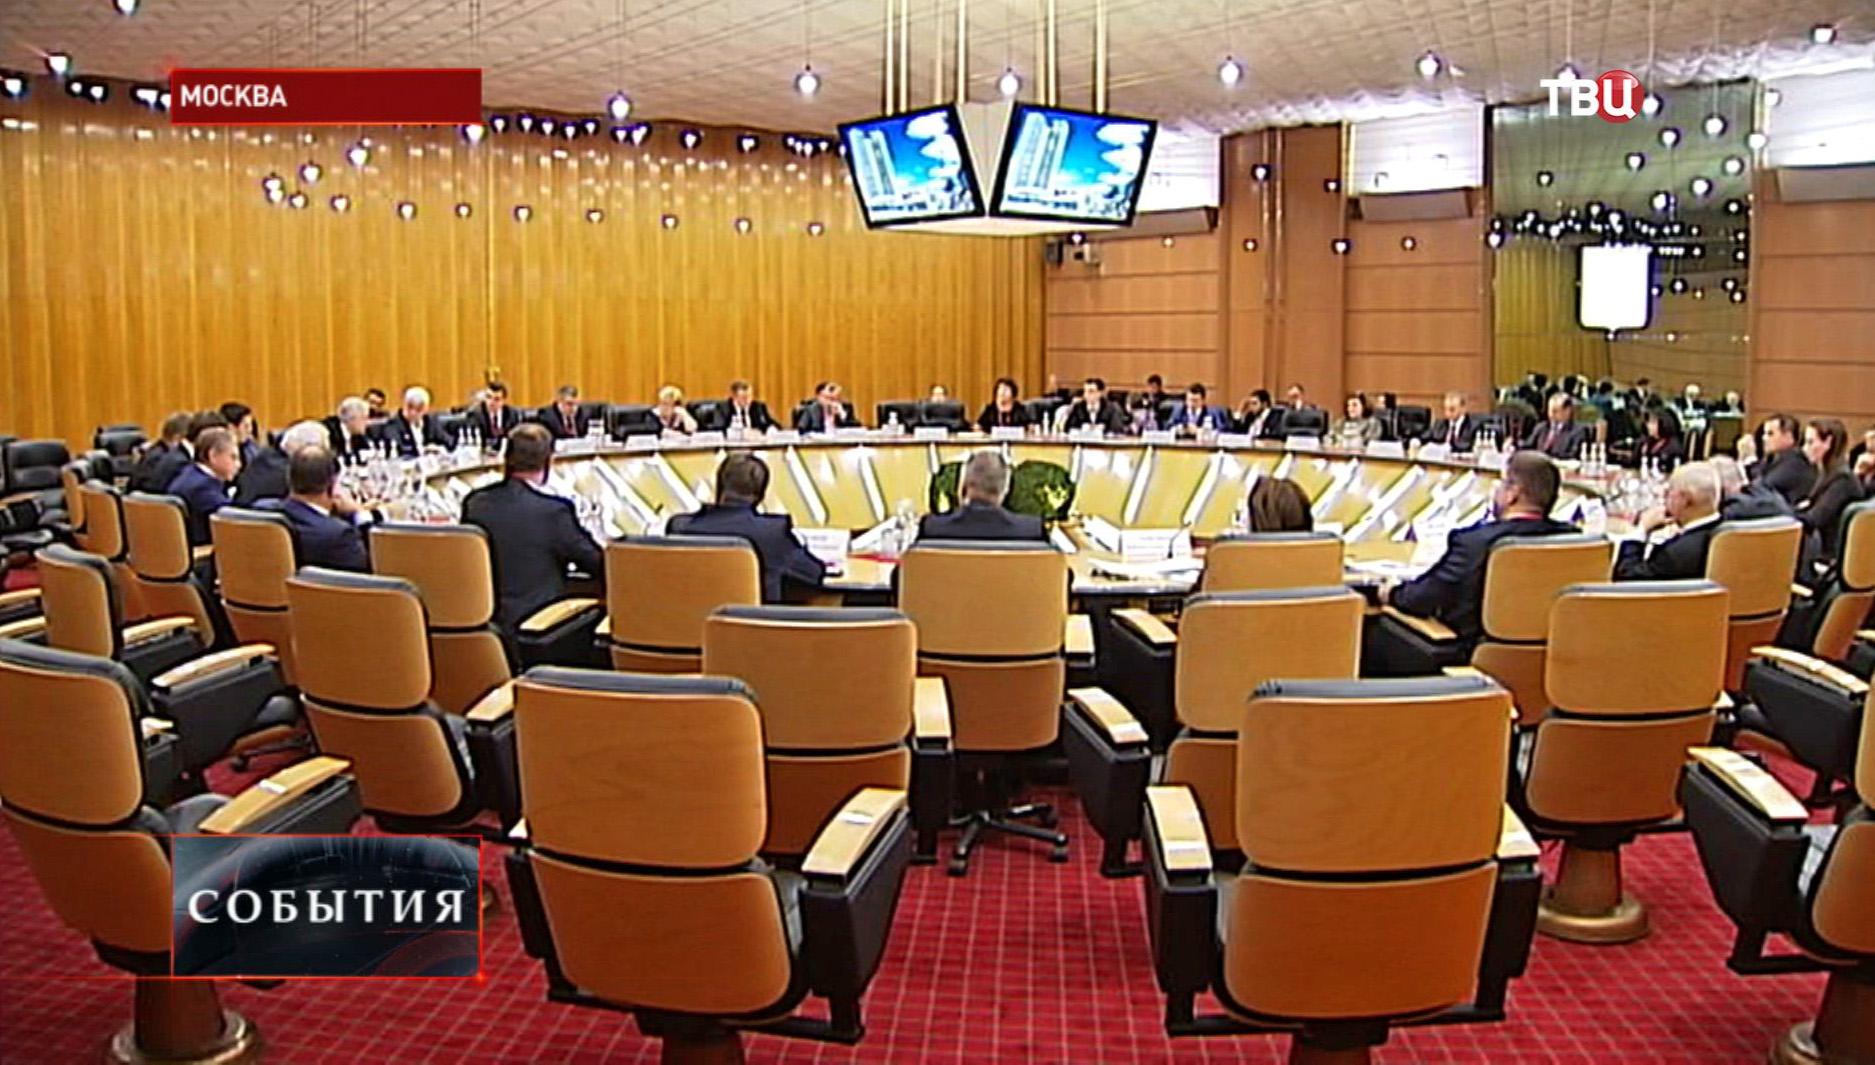 Заседание рабочей группы Москва-Белоруссия